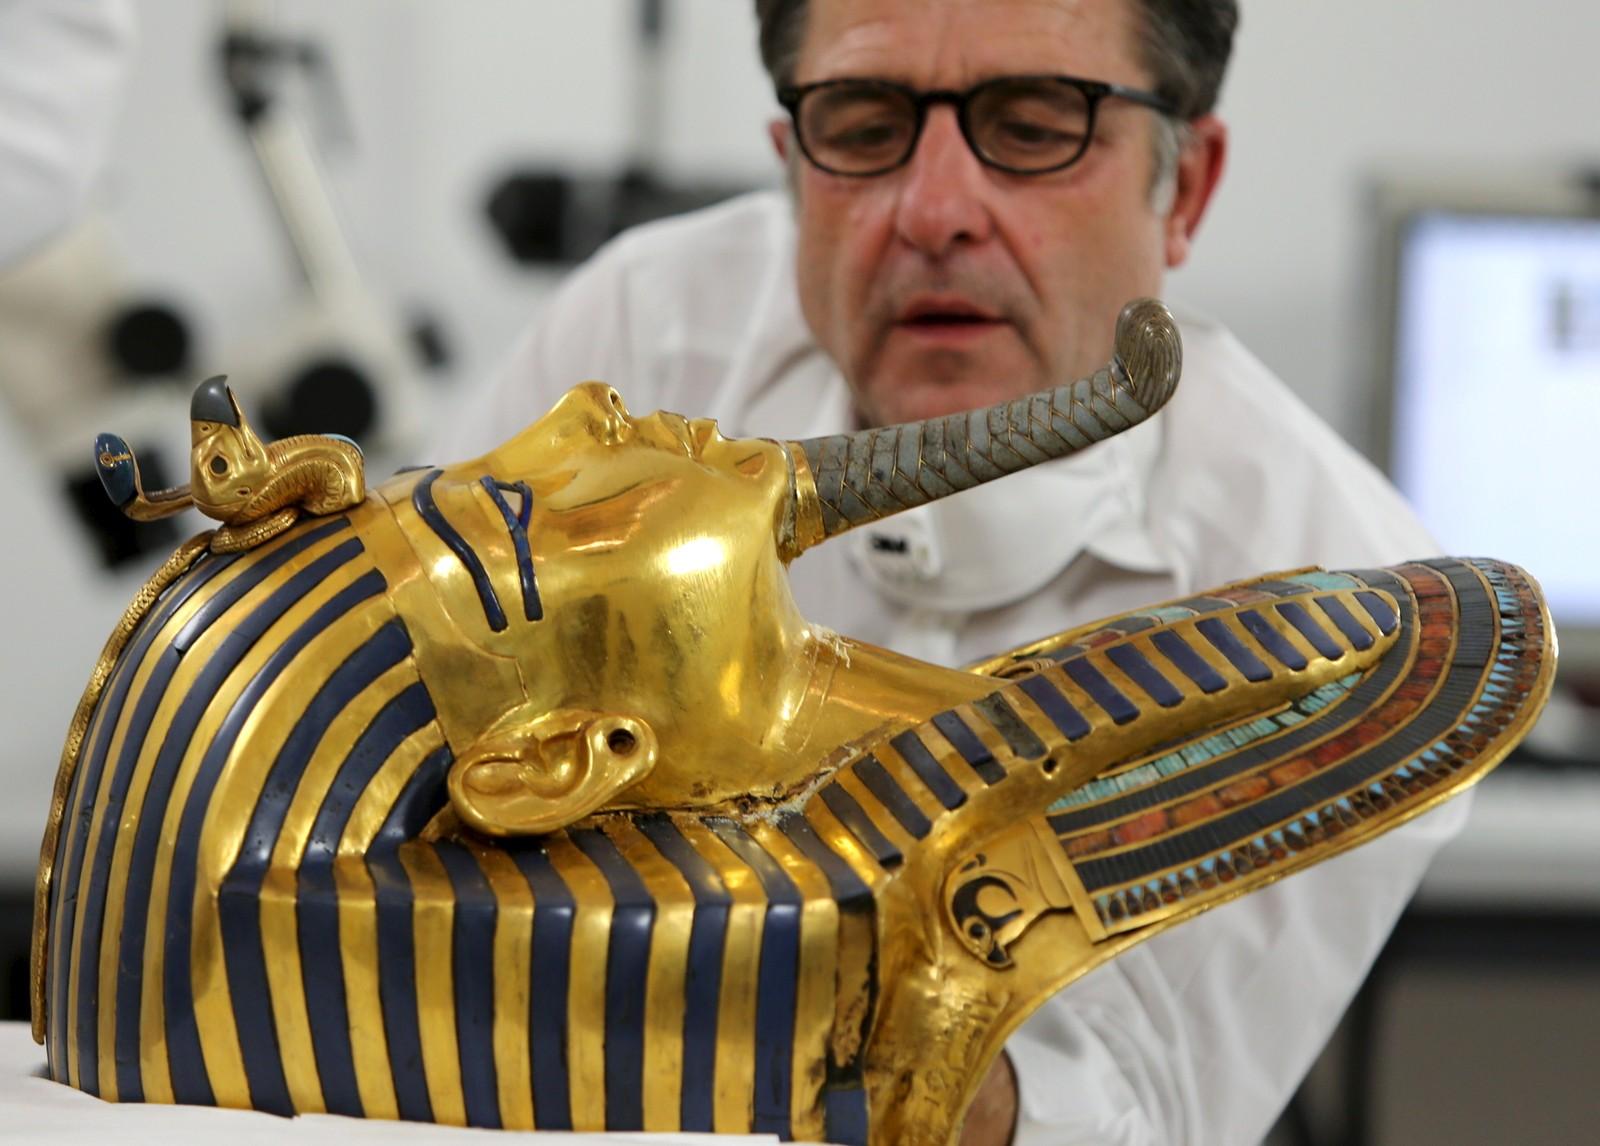 Den tyske konservatoren Christian Eckmann jobber med restaureringen av Tutankhamuns gullmaske ved det egyptiske museet i Kairo.